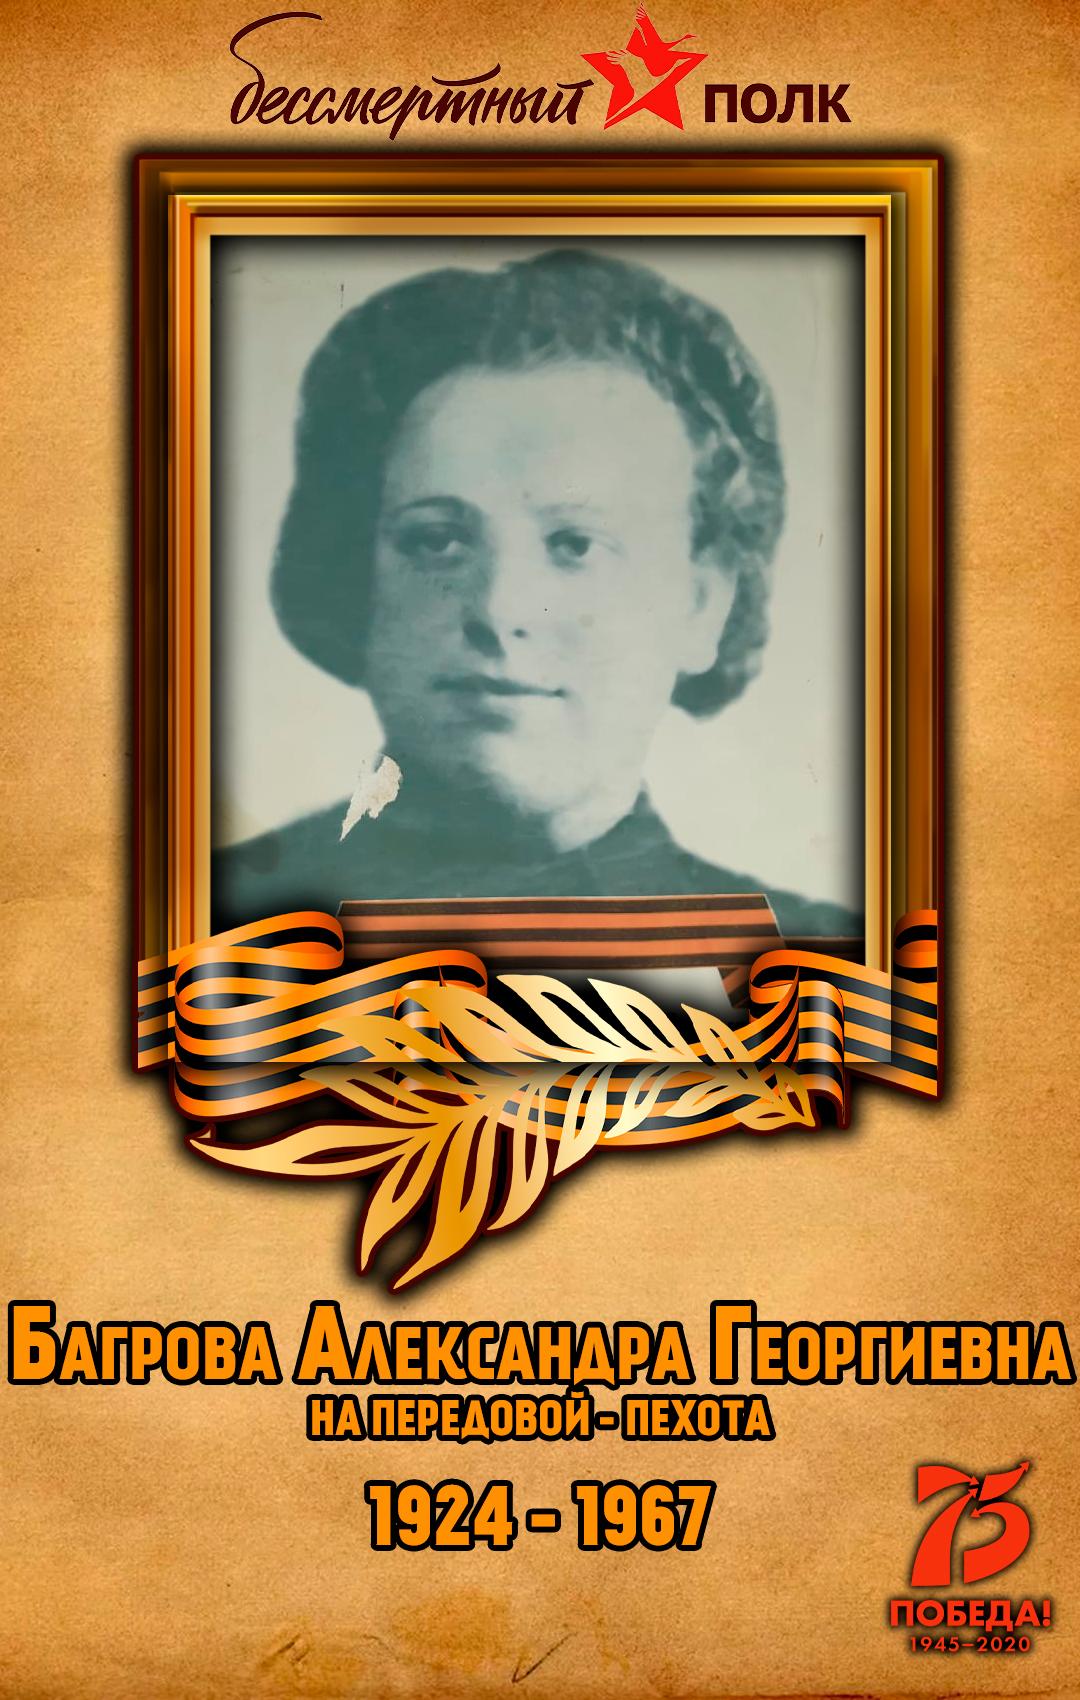 Багрова-Александра-Георгиевна